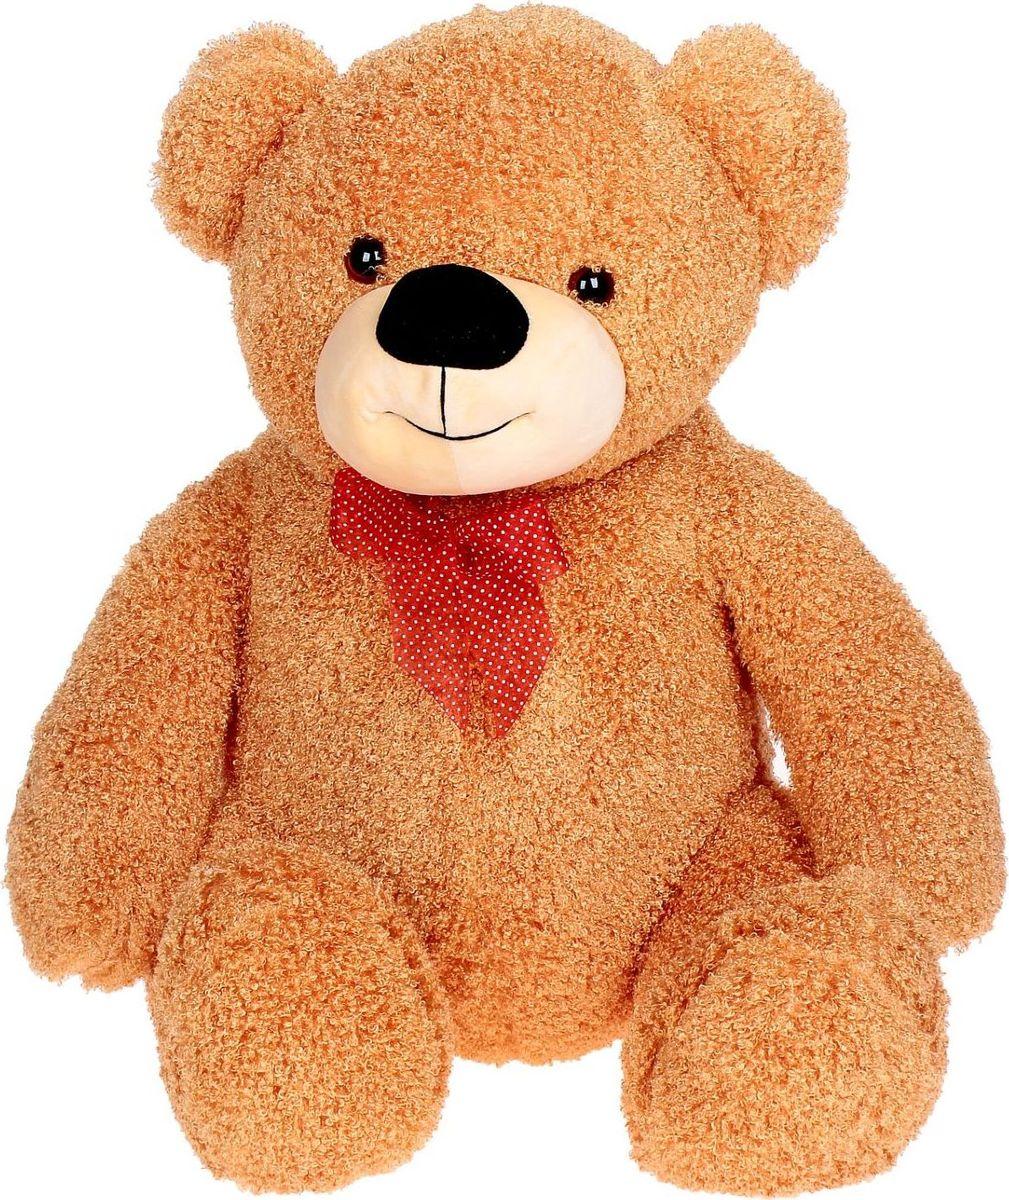 Sima-land Мягкая игрушка Медведь кудрявый цвет светло-коричневый 80 см bijoux land браслет